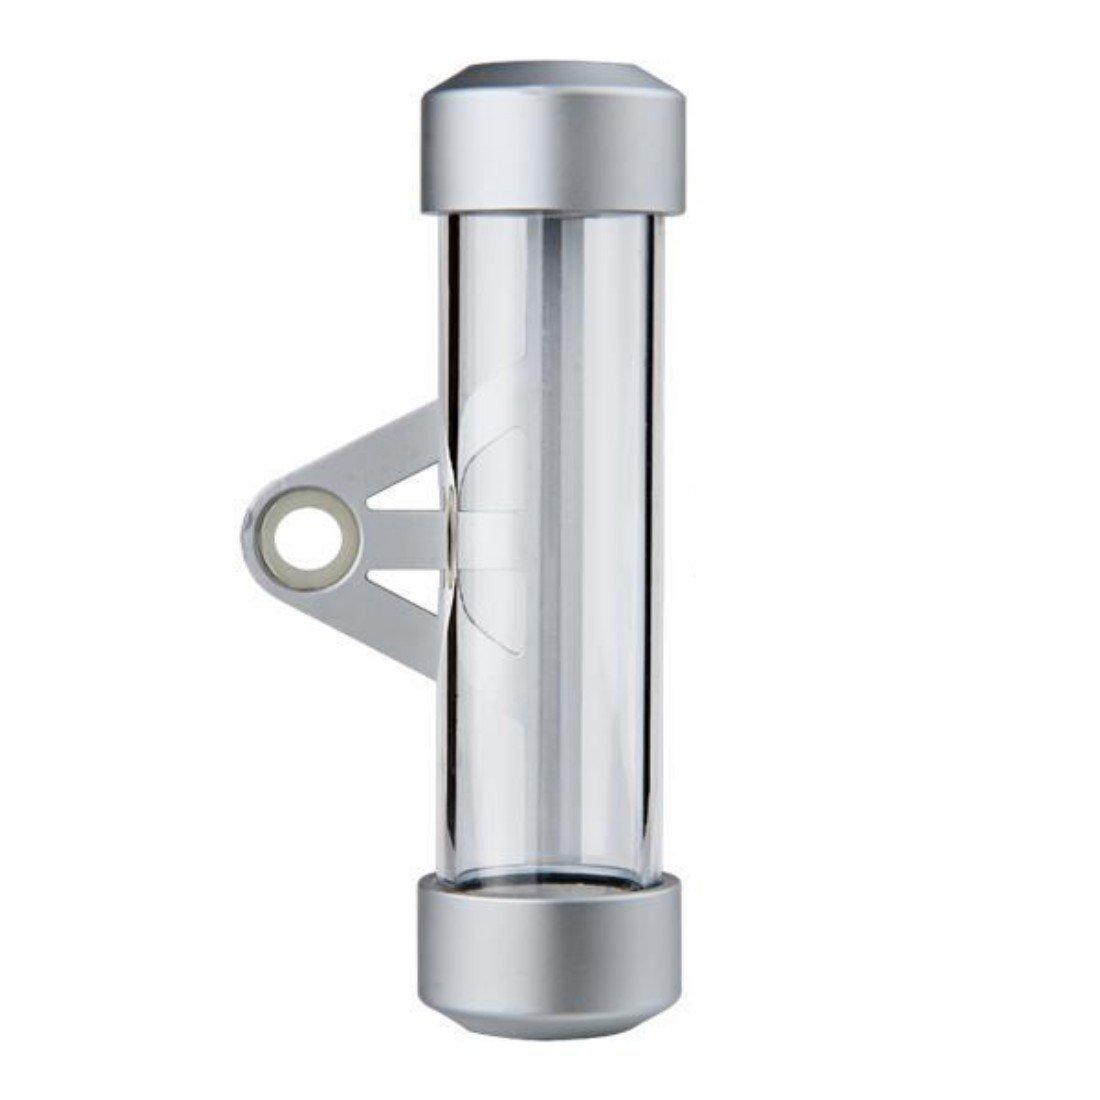 Tube porte-vignette cylindrique en acrylique et aluminium pour moto LovelyLifeAST LEPACA2256